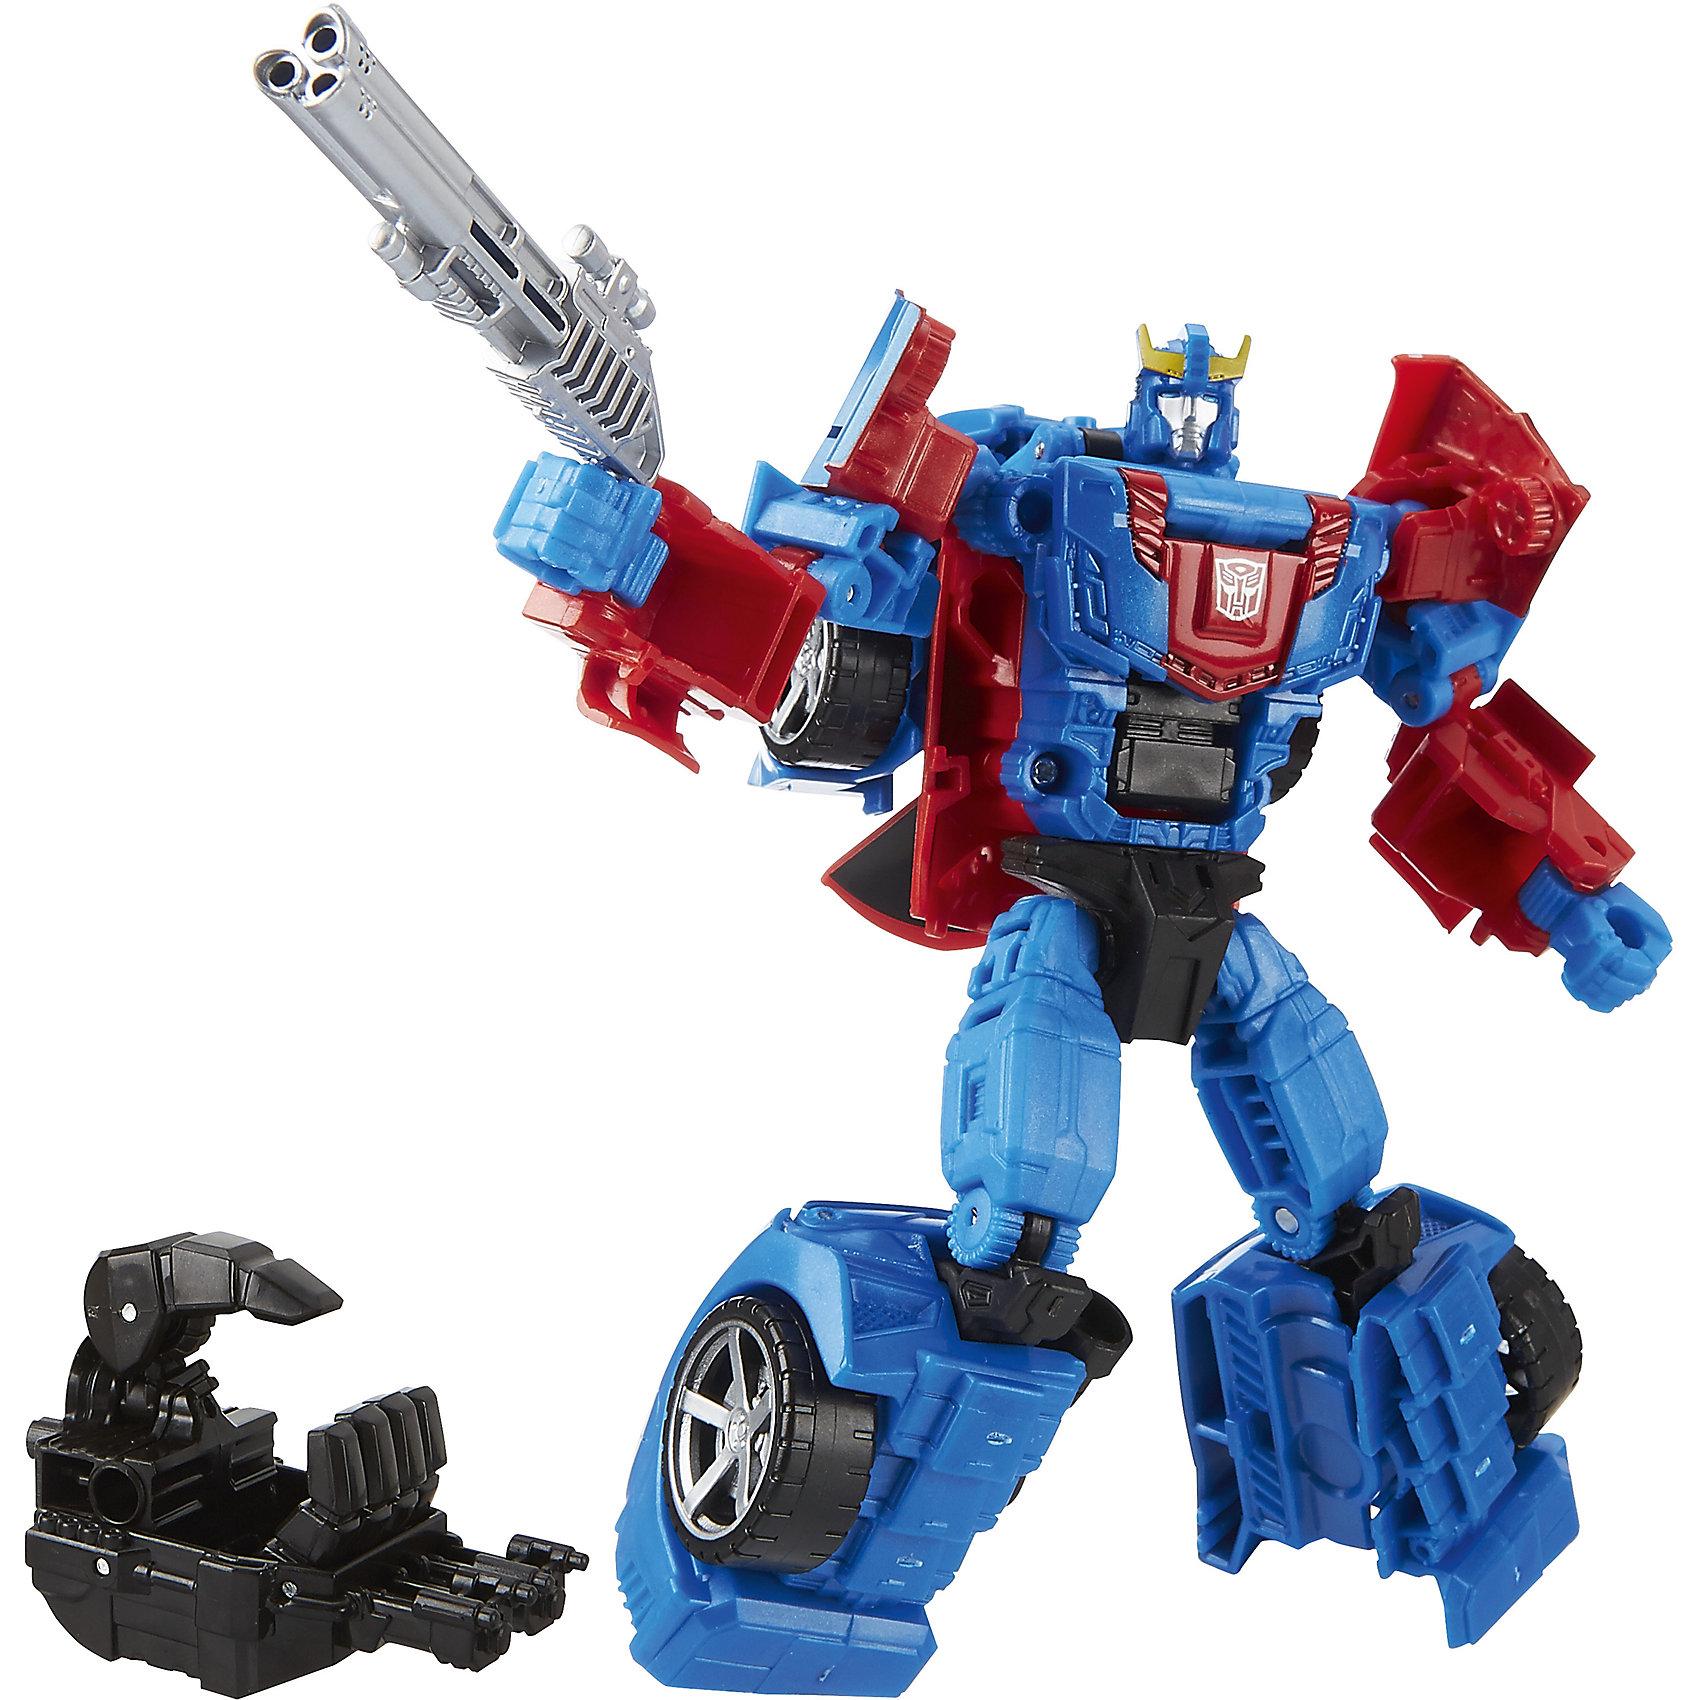 Дженерэйшнс Делюкс, Трансформеры, B0974/B5607Характеристики Дженерэйшнс Делюкс, Трансформеры:<br><br>- возраст: от 8 лет<br>- пол: для мальчиков и девочек<br>- цвет: красный, белый, синий.<br>- материал: пластик.<br>- размер самой игрушки высота: 12 см.<br>- упаковка: блистер на картоне<br>- размер упаковки: 7 * 26 * 19 см.<br>- страна обладатель бренда: США.<br><br><br>Трансформер Мегатрон из серии Дженерэйшнс Дэлюкс - это детально проработанная фигурка робота, которая очень похожа на своего героя из мультфильма. Робот Megatron при помощи сложной, но увлекательной трансформации, которая содержит 15 ступеней, превращается в боевую машину - танк. Руки, ноги, голова робота-трансформера легко двигаются, вследствие чего он может принимать различные позы. В комплекте имеется два разных оружия, одно из них стреляет.<br><br>Трансформер серии Generation Deluxe (Дженерэйшнс Делюкс) торговой марки Hasbro (Хасбо) можно купить в нашем магазине.<br><br>Ширина мм: 255<br>Глубина мм: 190<br>Высота мм: 65<br>Вес г: 190<br>Возраст от месяцев: 60<br>Возраст до месяцев: 120<br>Пол: Мужской<br>Возраст: Детский<br>SKU: 5064163